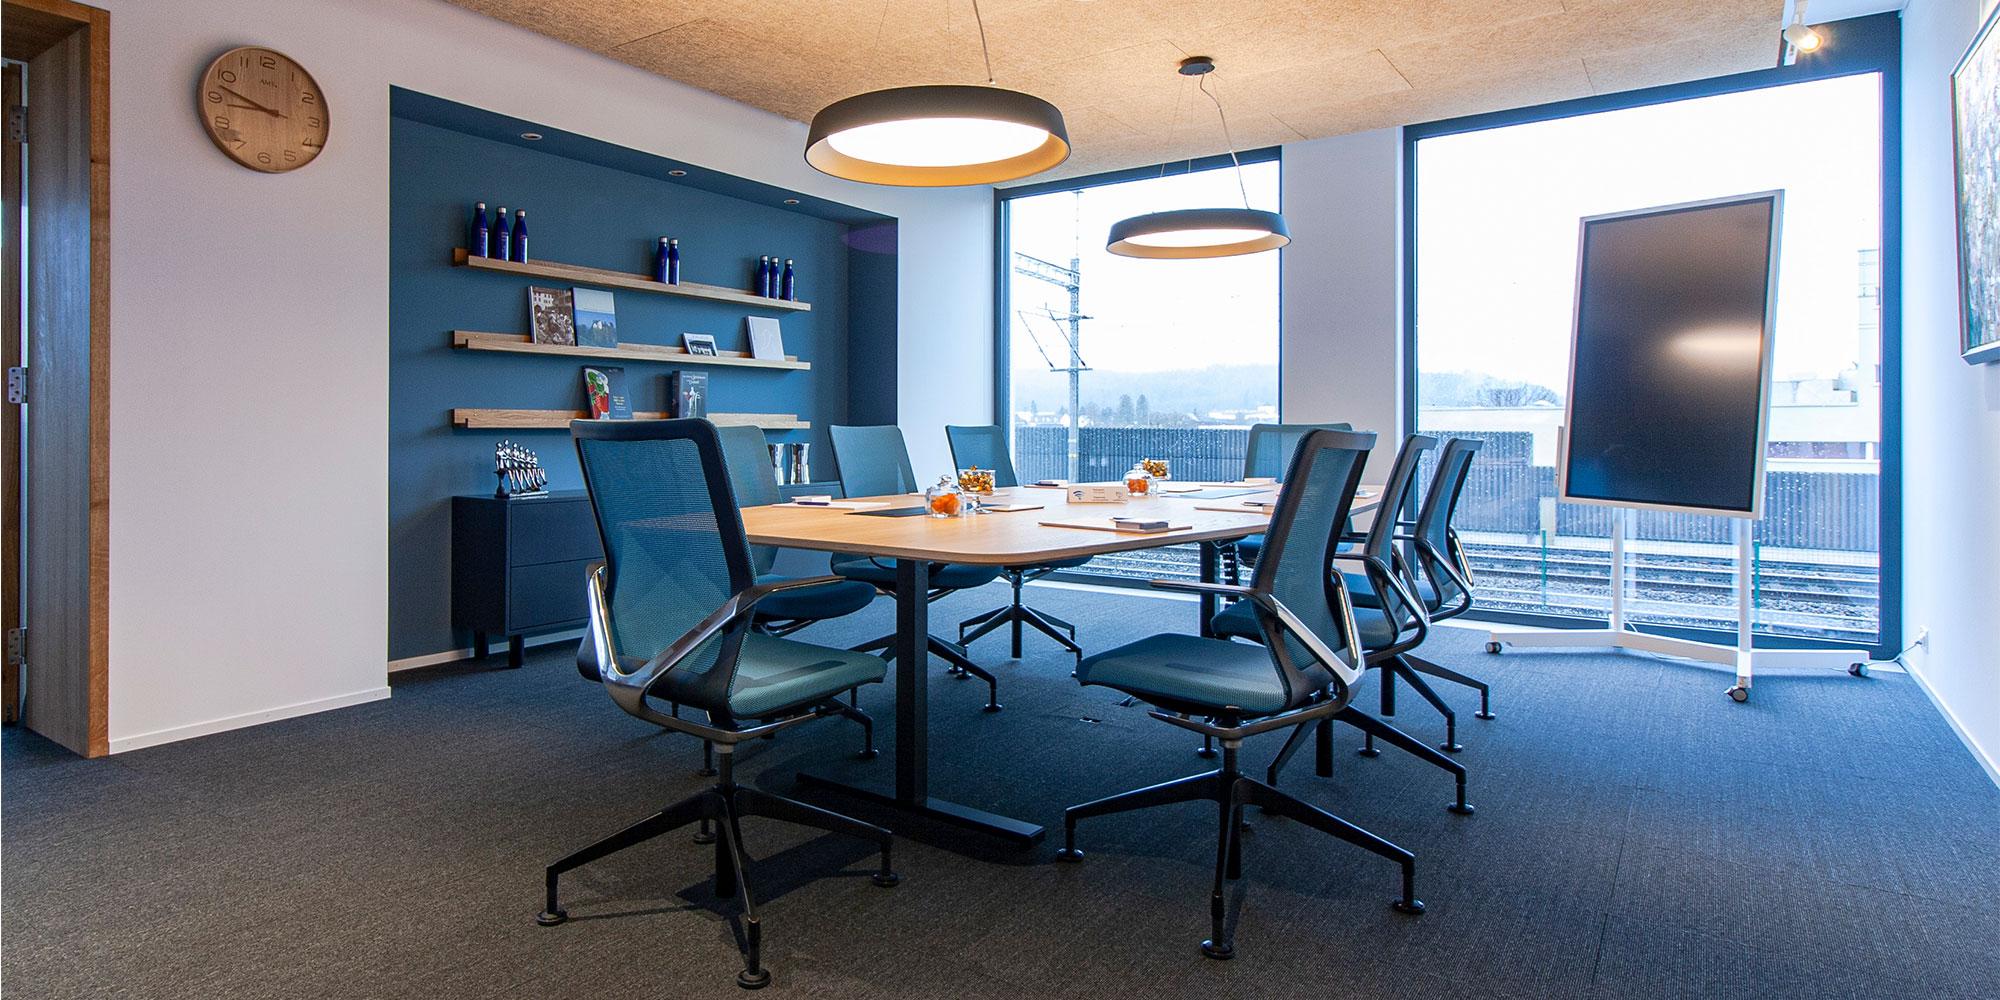 sitzungszimmer der Gastroaargau. der Tisch beleuchtet mit der architektonische runde Leuchte Beam me up von Lightnet.